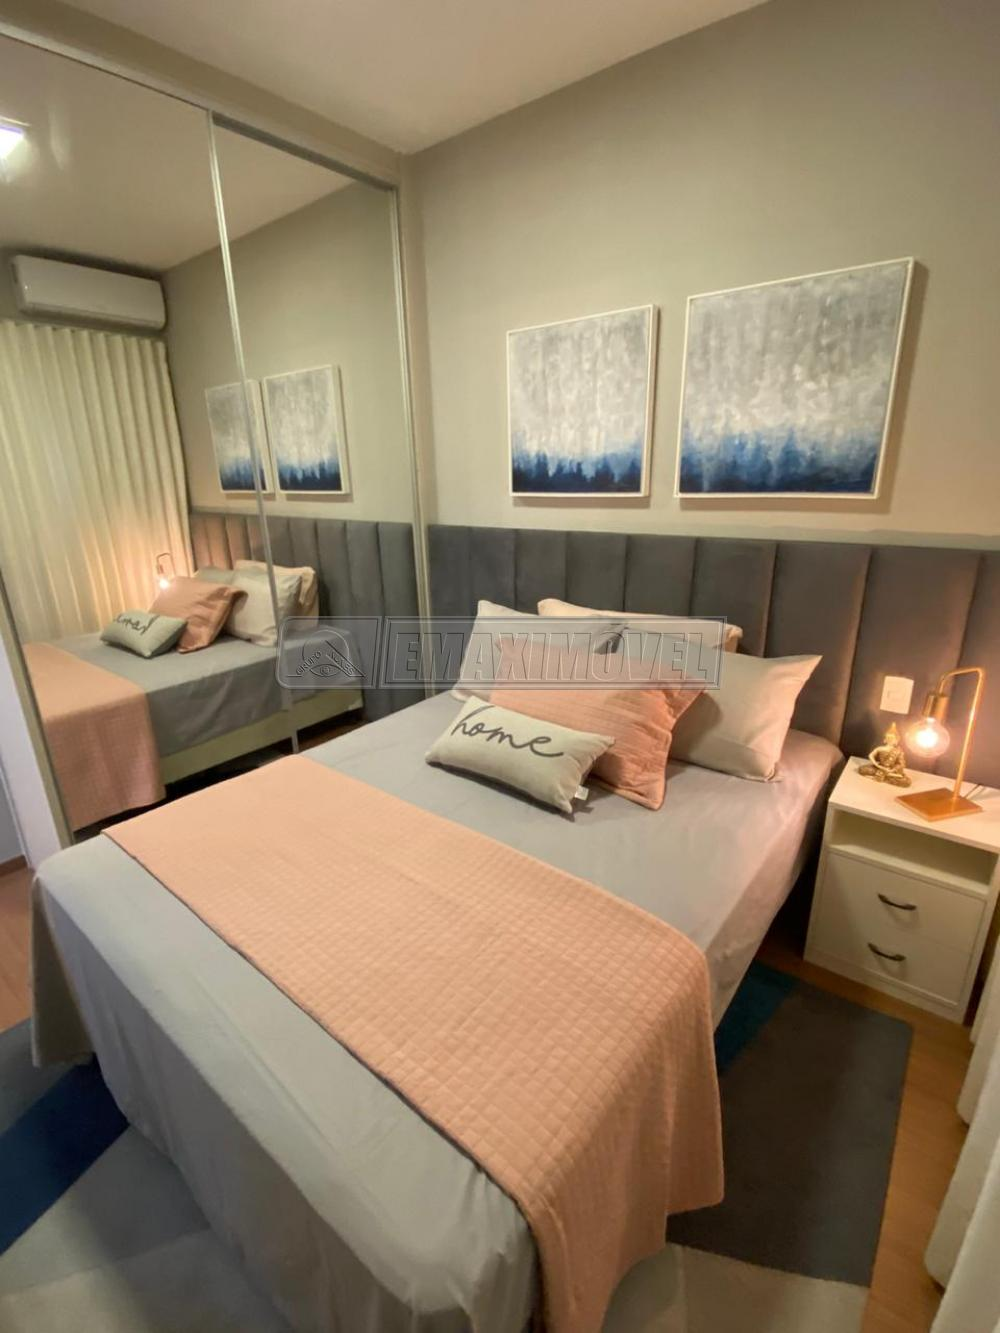 Comprar Apartamentos / Apto Padrão em Sorocaba R$ 143.900,00 - Foto 9